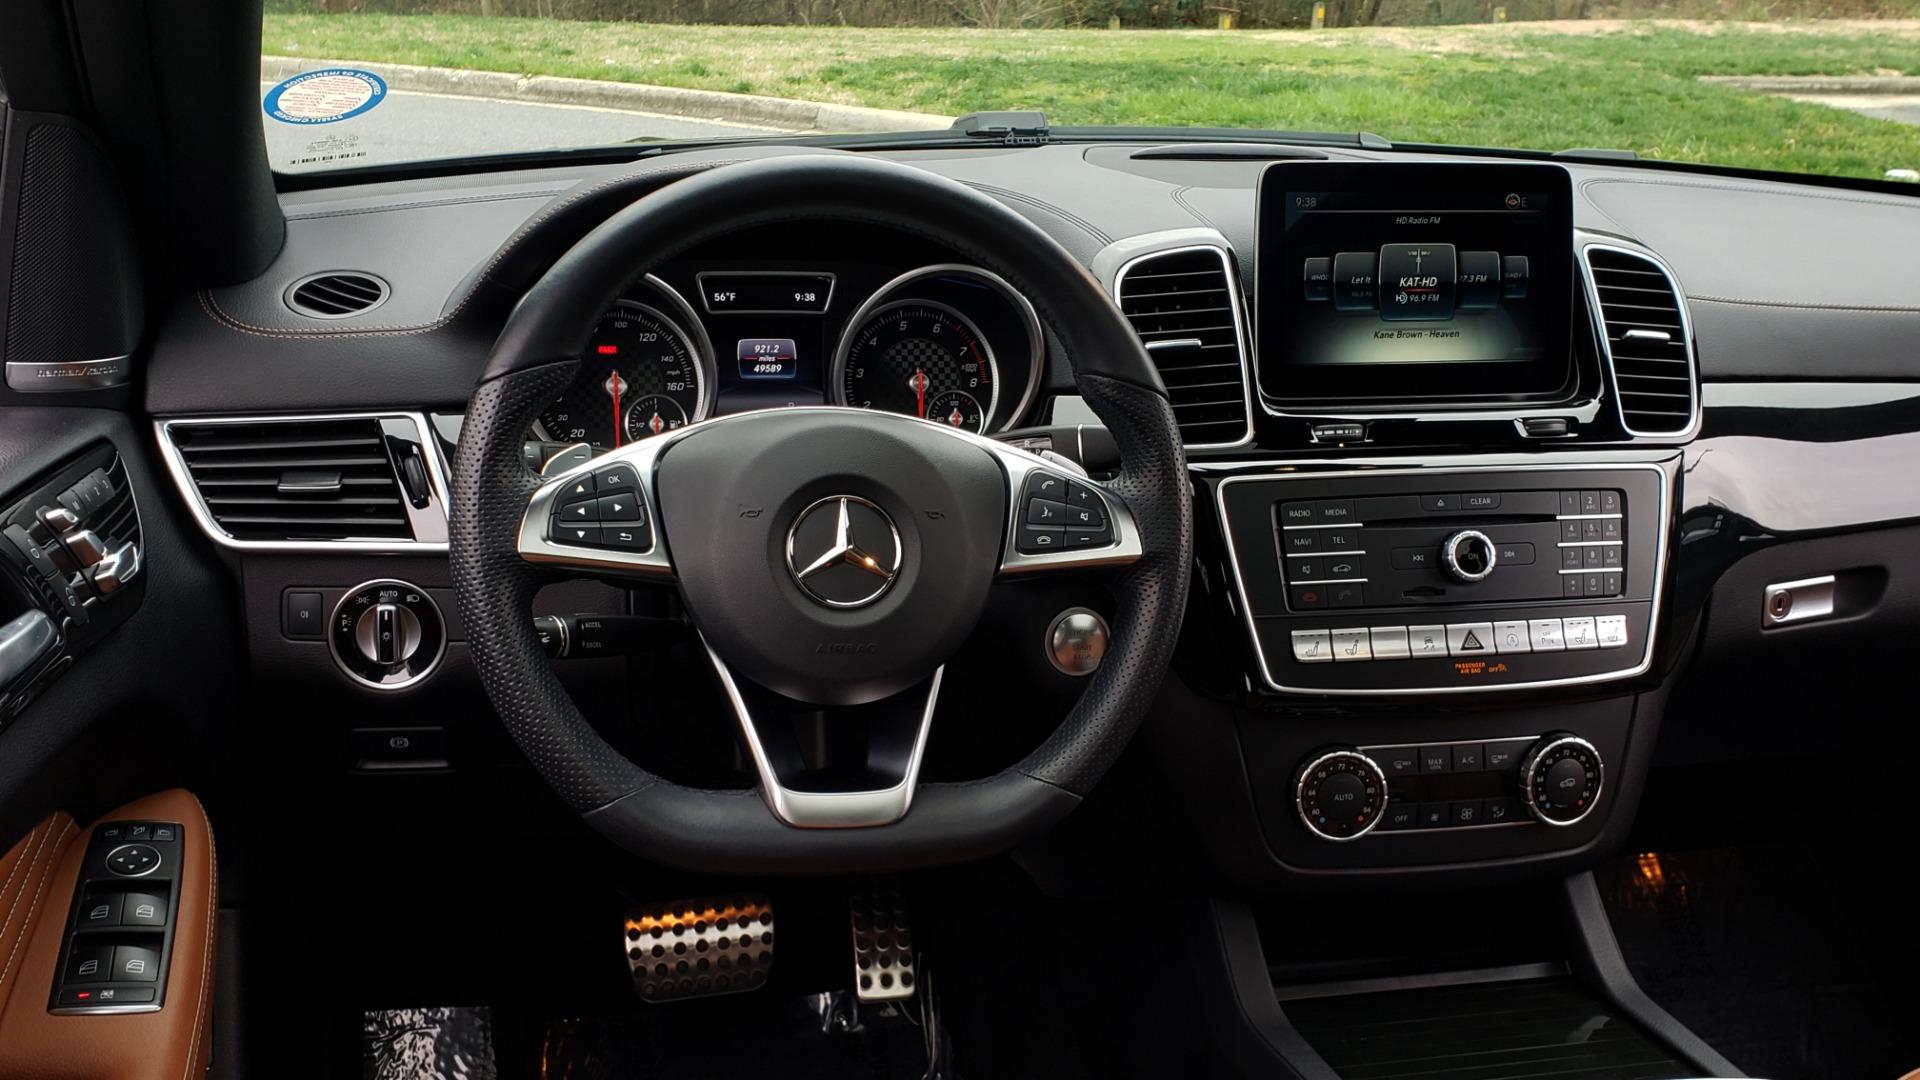 Used 2016 Mercedes-Benz GLE 450 AMG / AWD / PREM PKG / PARK ASST / DRVR ASST / SUNROOF for sale Sold at Formula Imports in Charlotte NC 28227 42